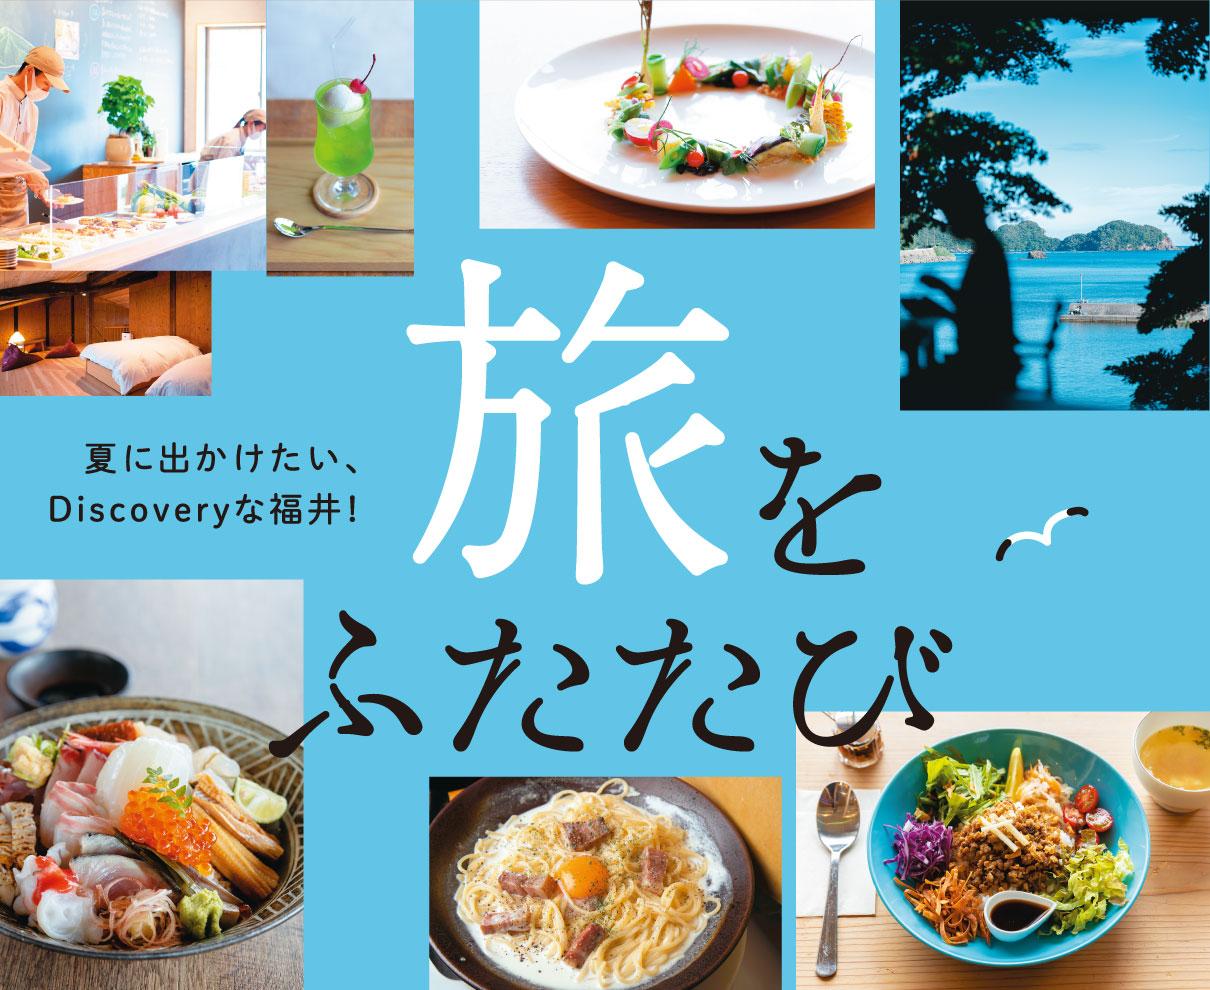 月刊ウララ8月号より『夏に出かけたい、Discoveryな福井! 旅をふたたび』